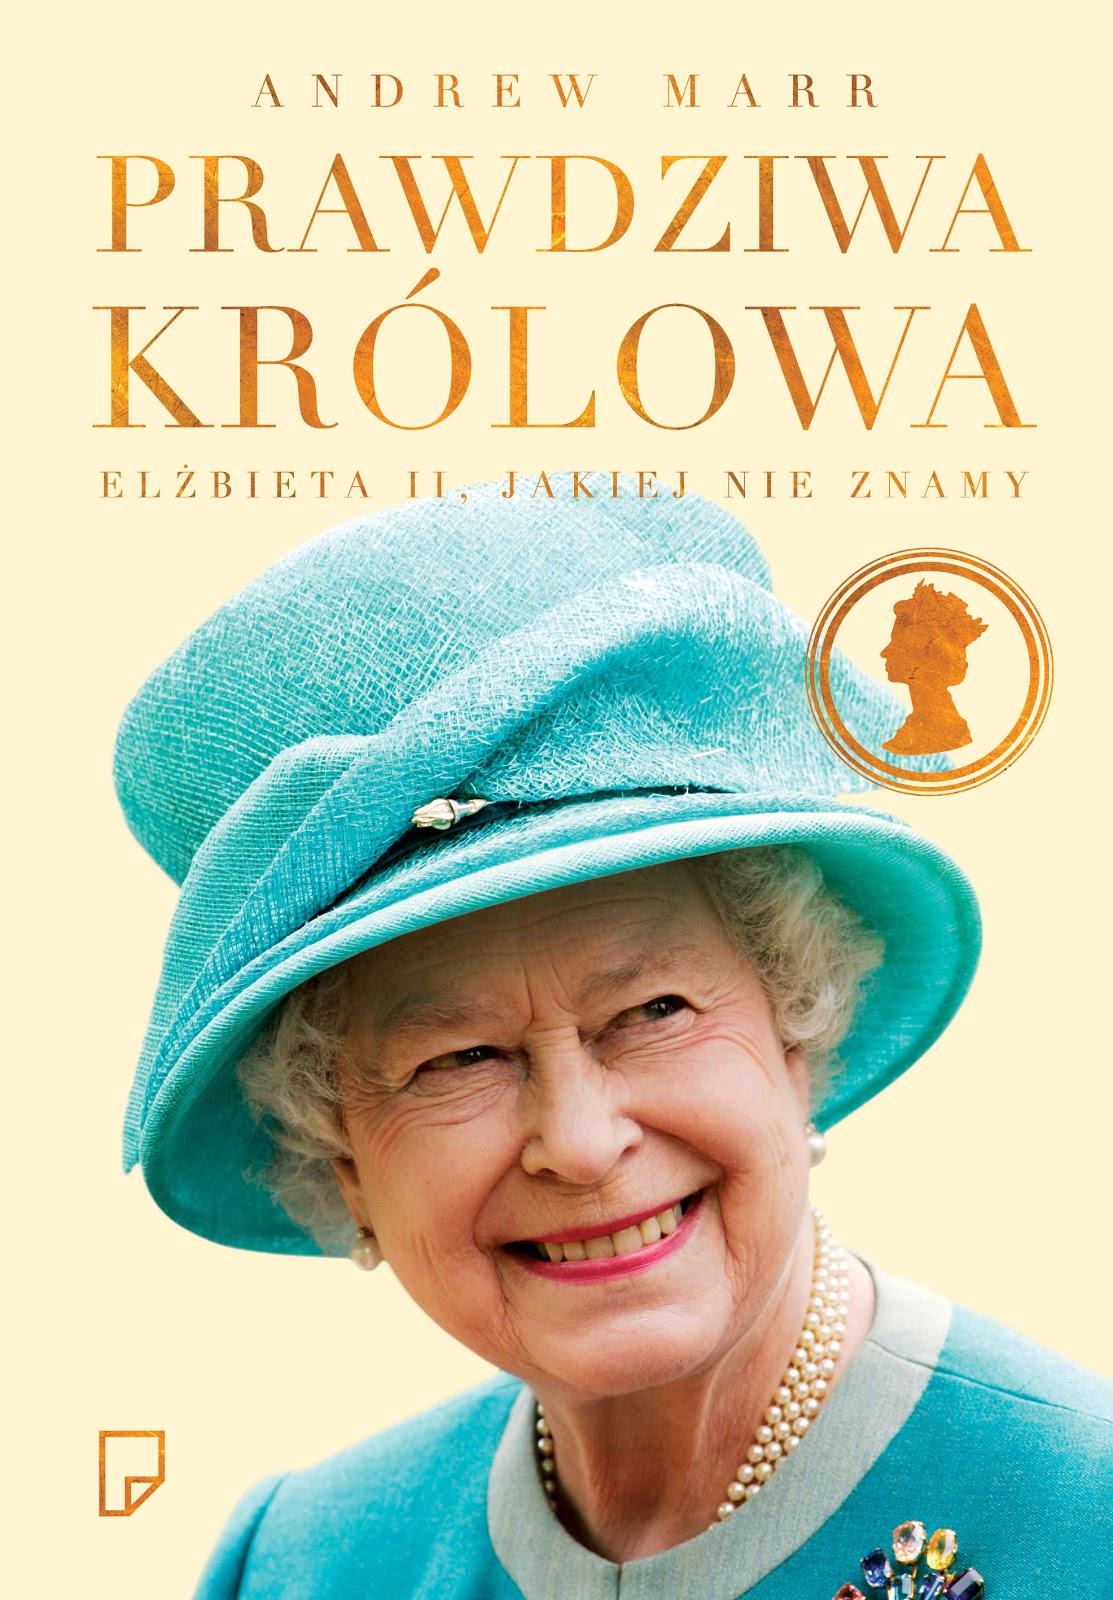 Prawdziwa Królowa. Elżbieta II jakiej nie znamy - Andrew Marr